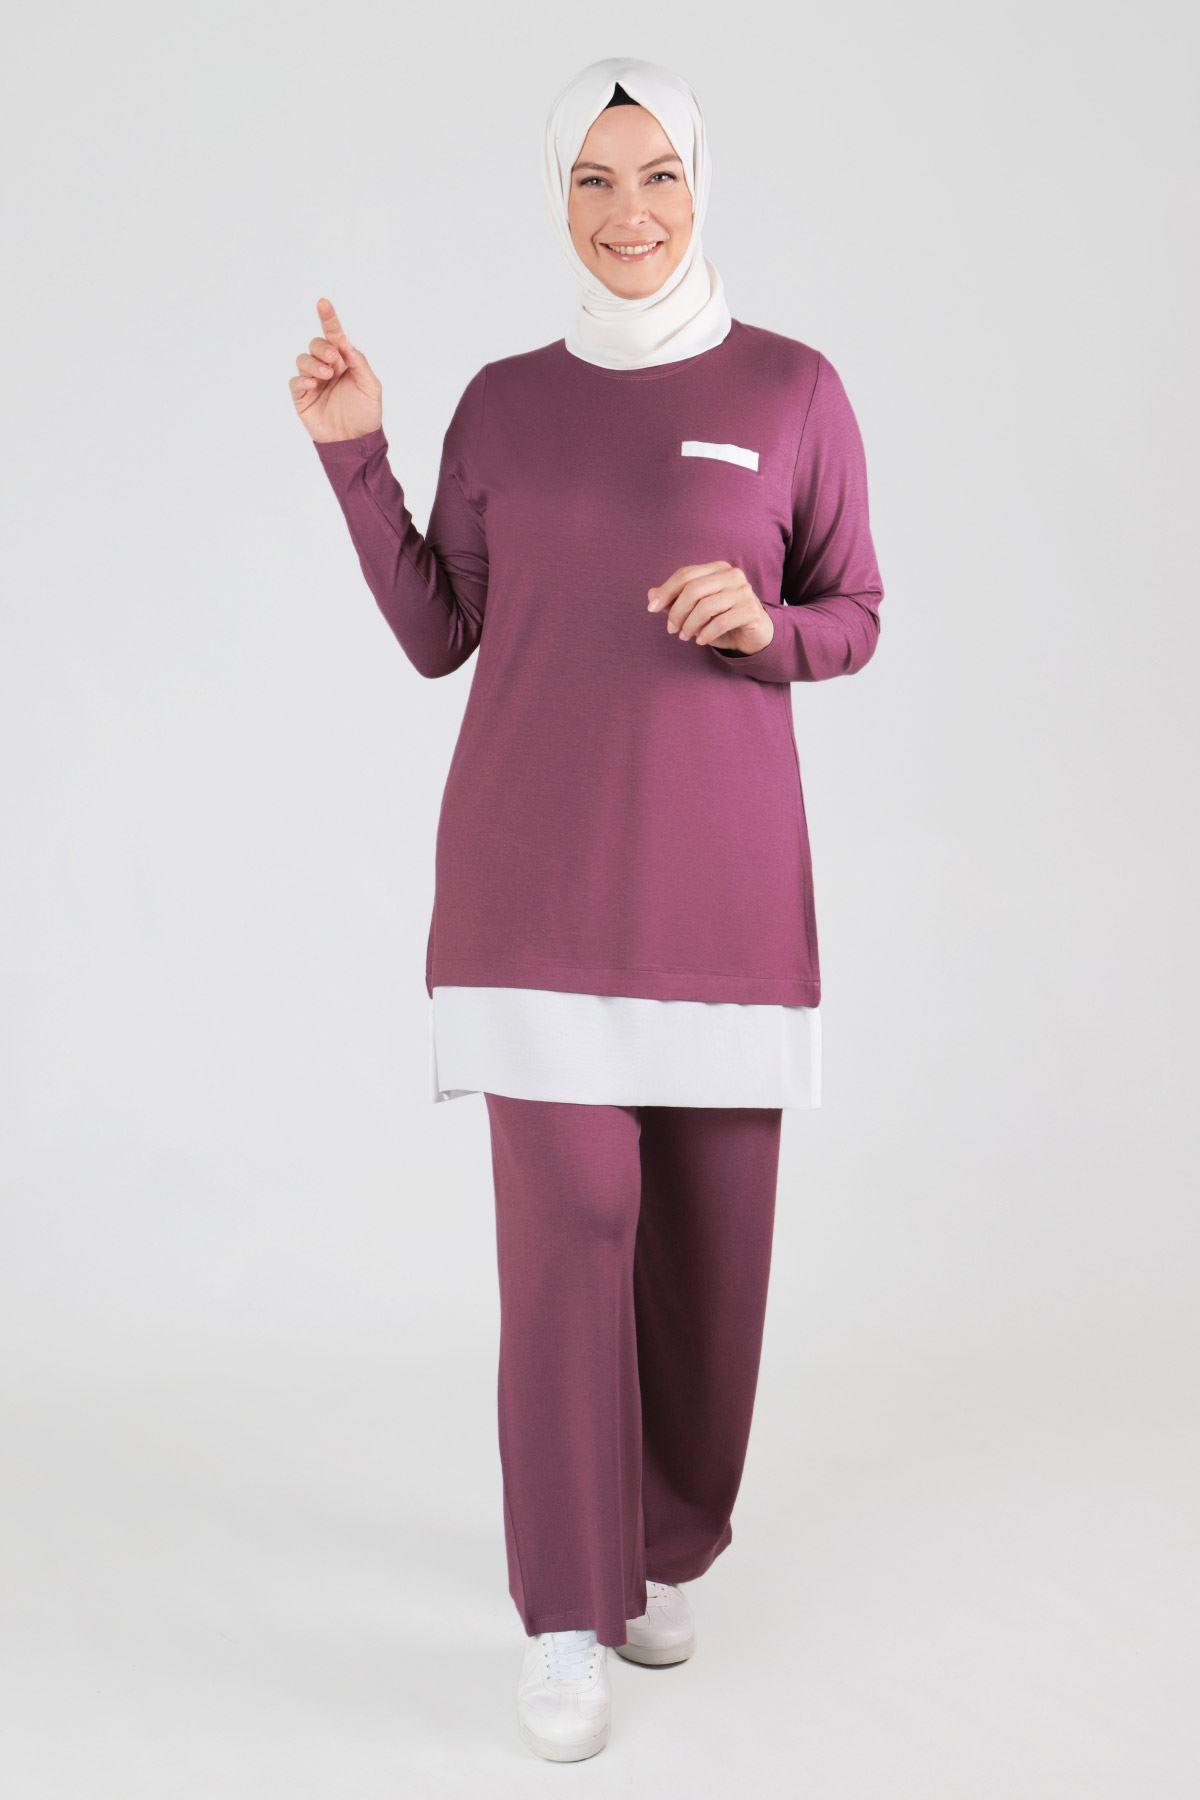 Büyük Beden Tesettür Pantolonlu Takım 35045 Violet